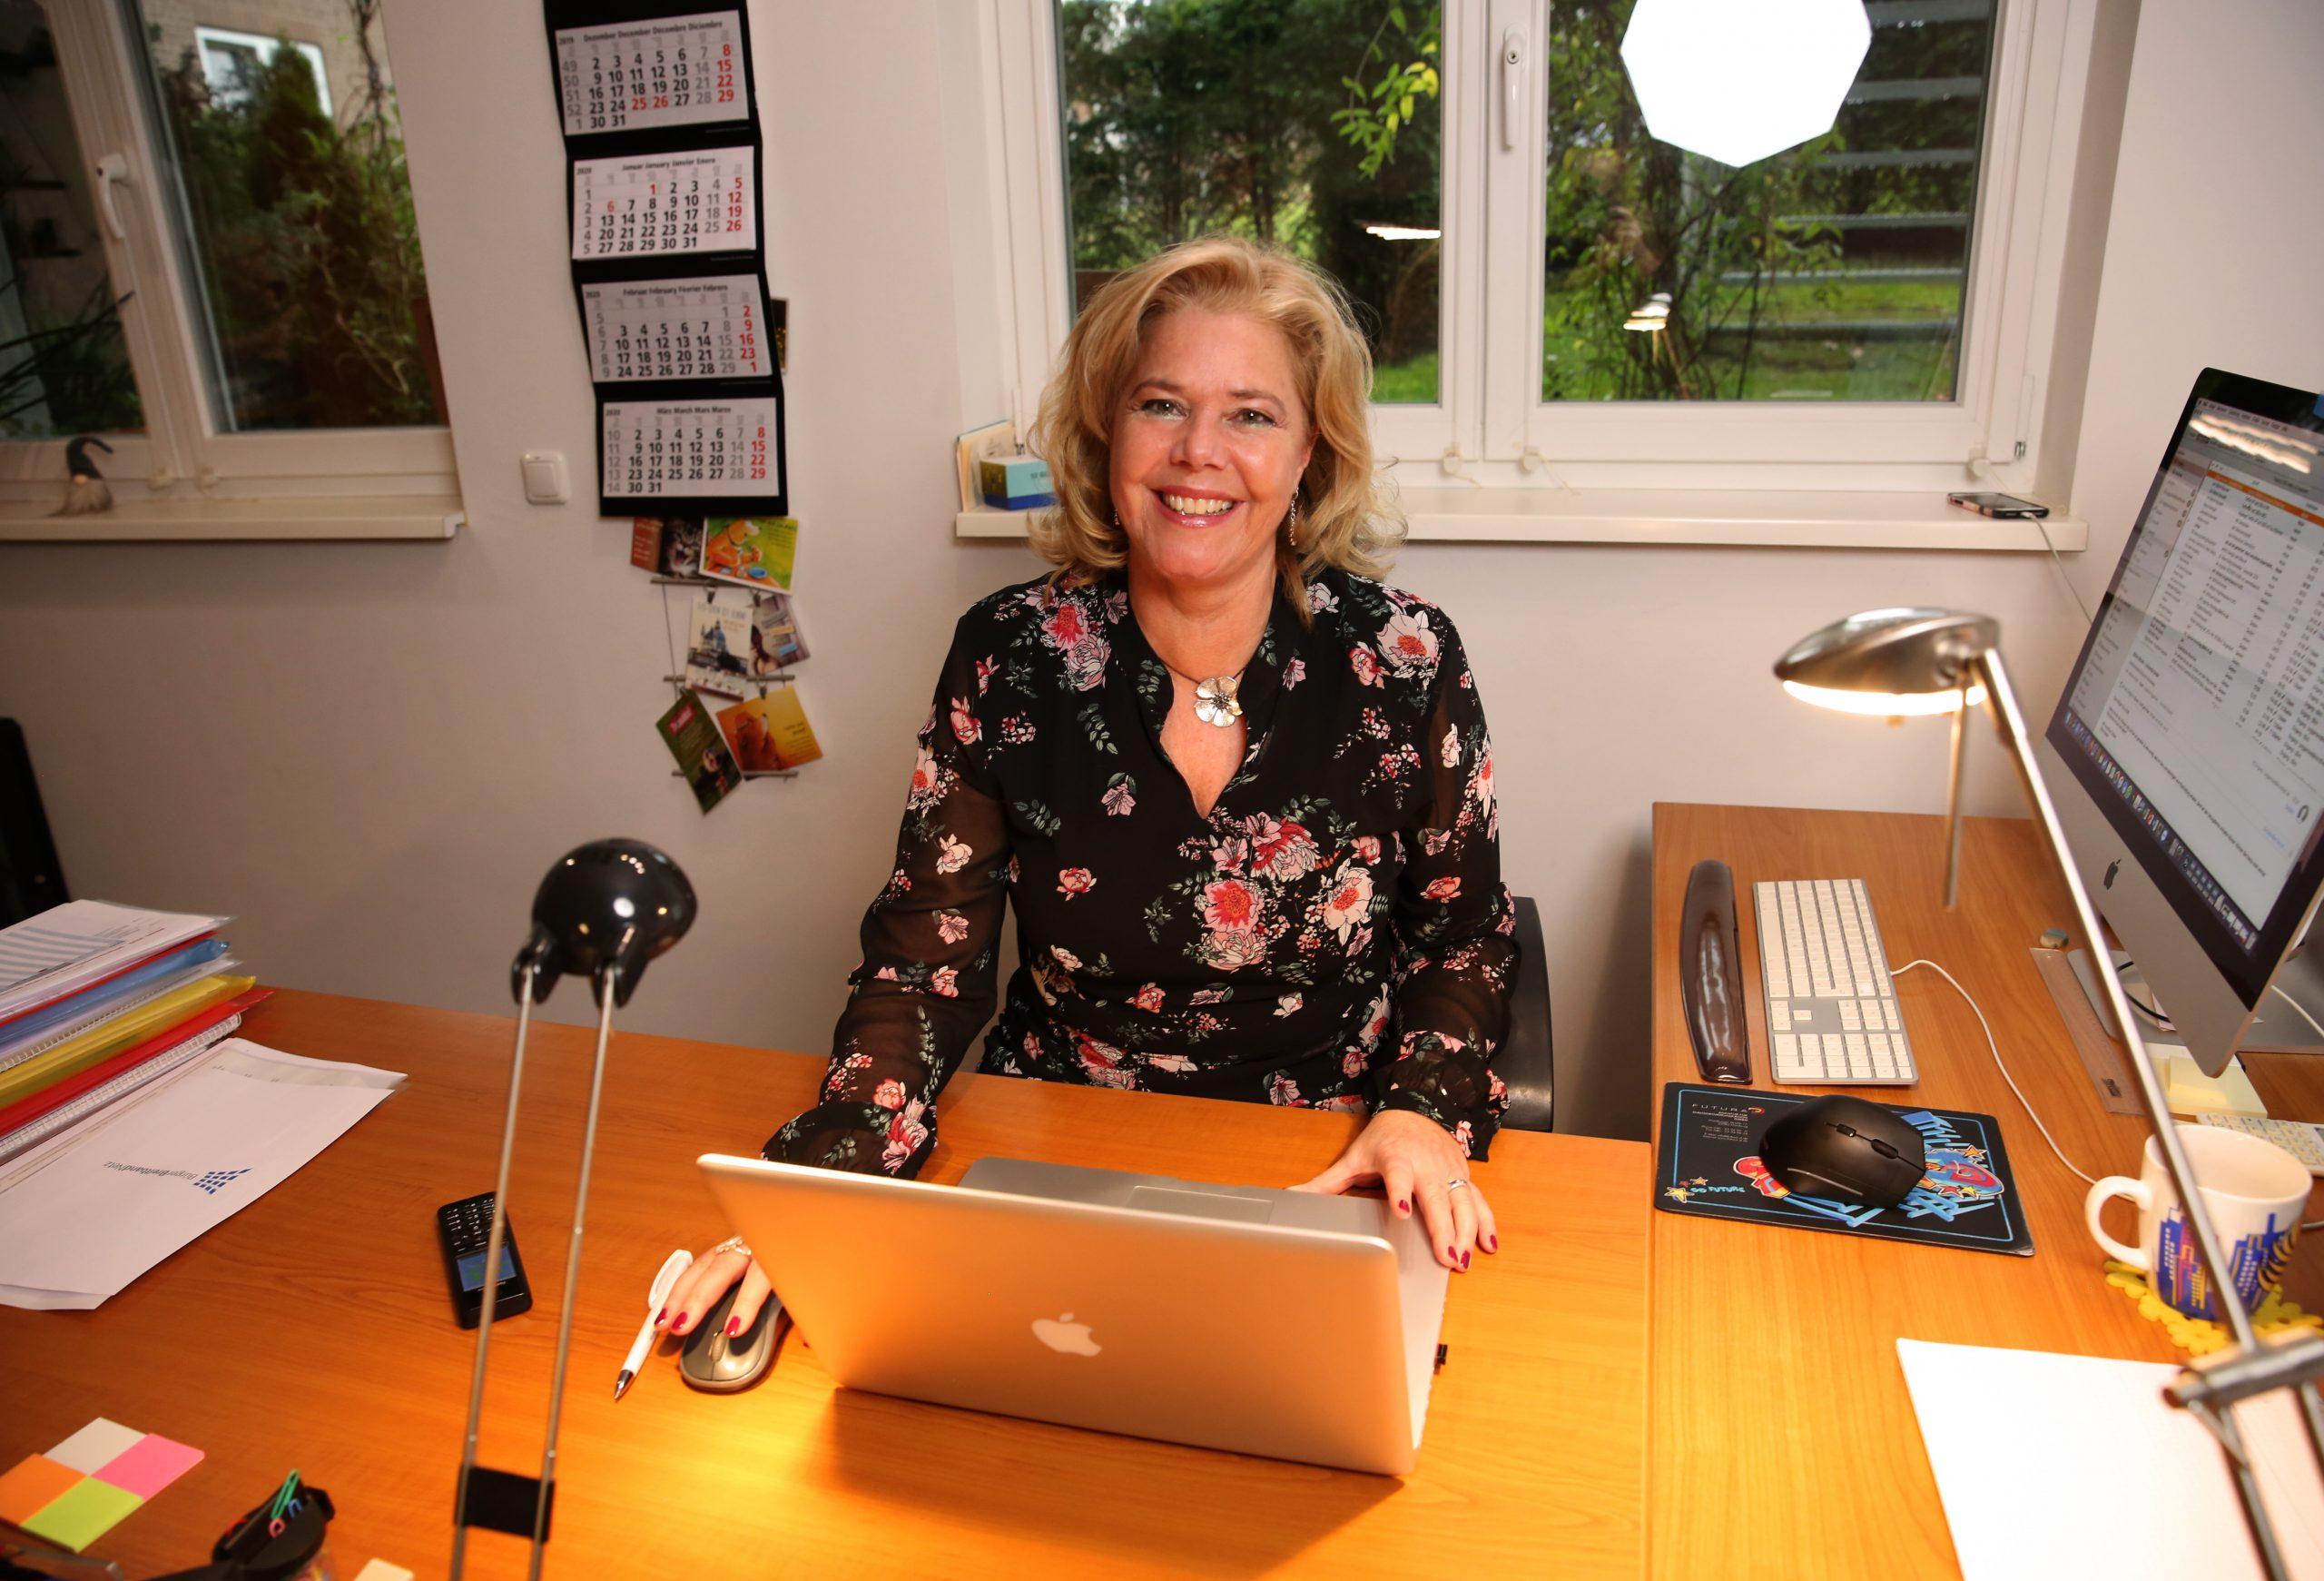 Angelika Poggensee am Schreibtisch